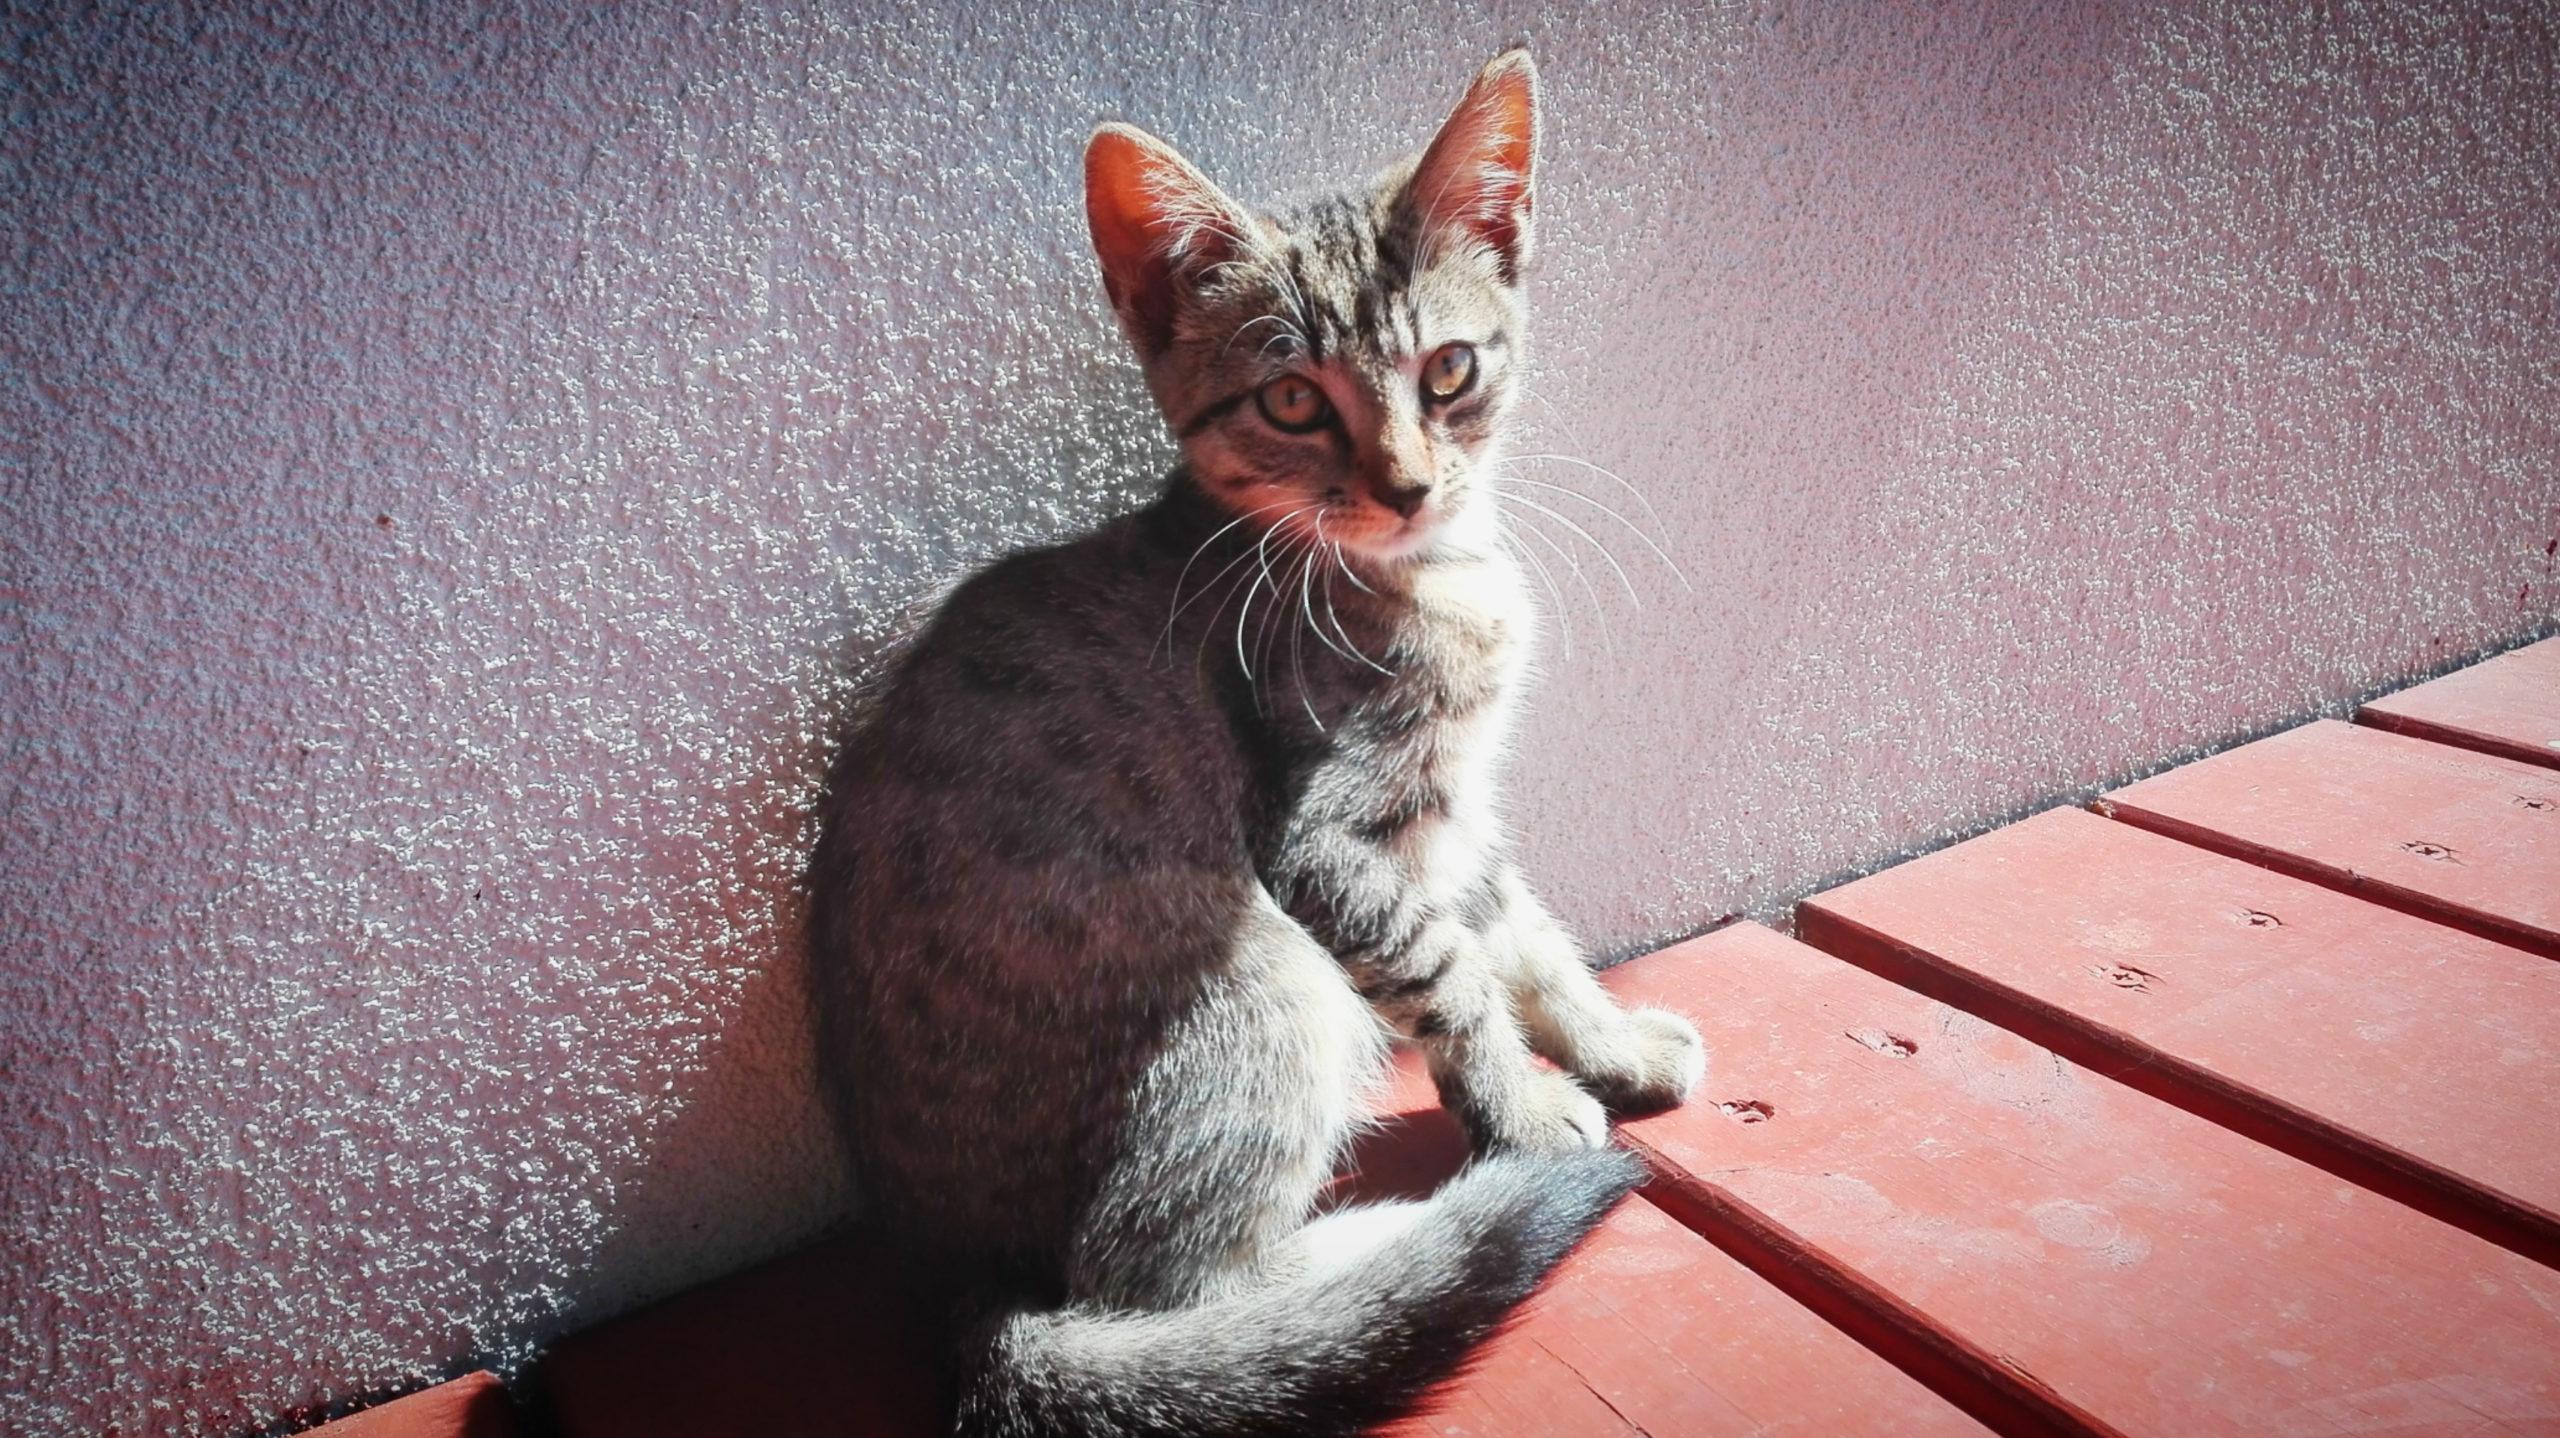 Szaro-bura pręgowana, maął kotka na tele szarawej ściany